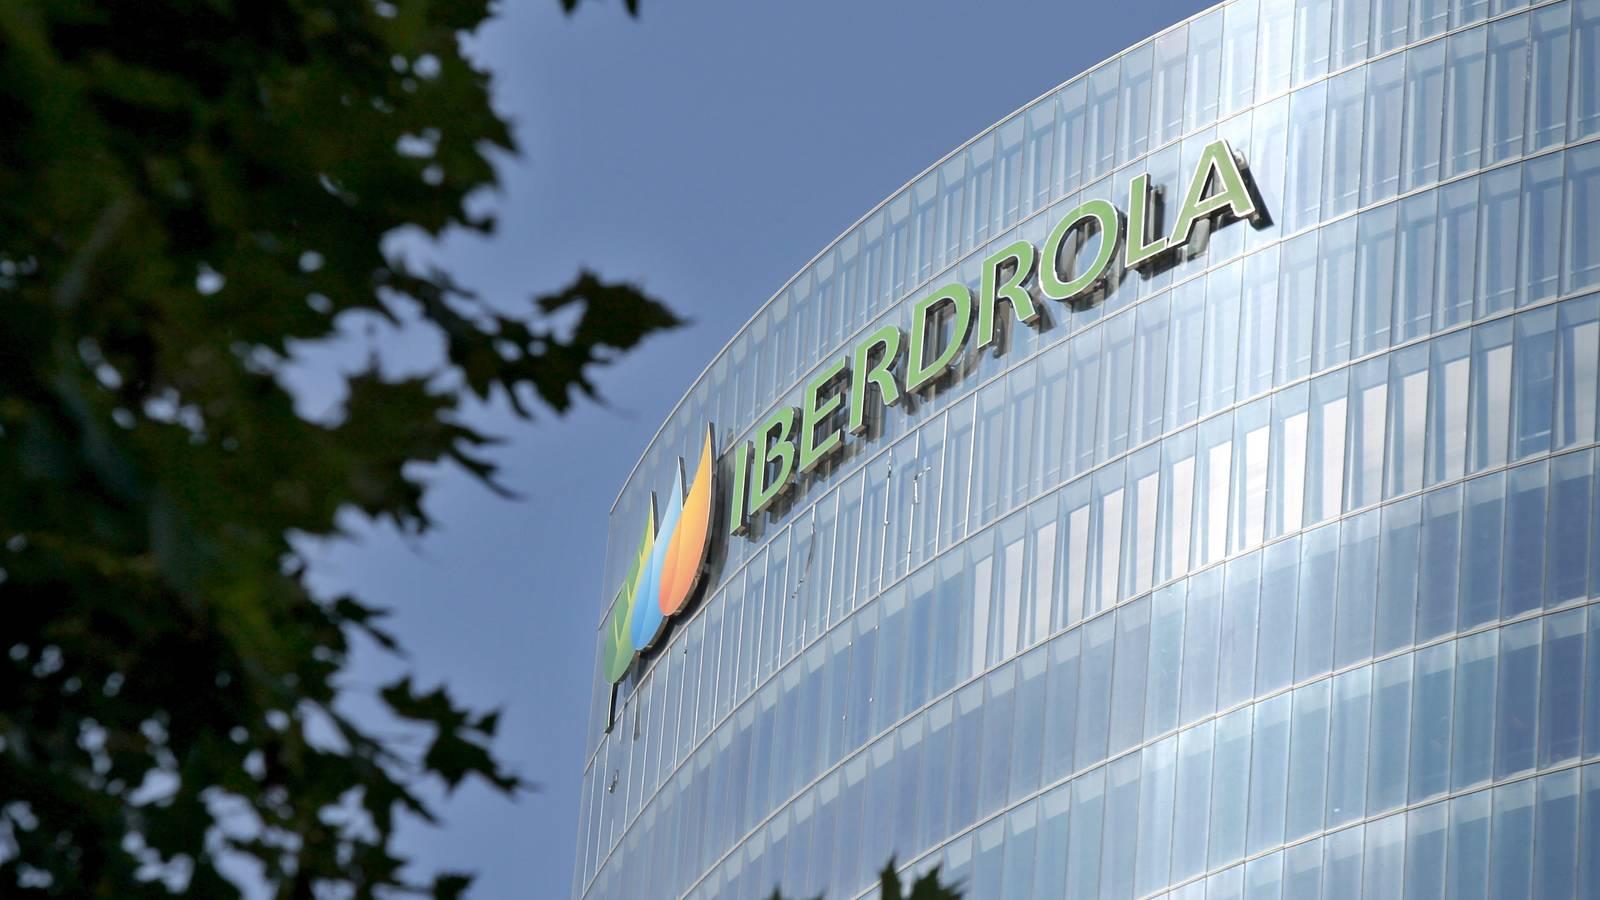 Iberdrola gana 2.517 millones de euros en los nueve primeros meses del año